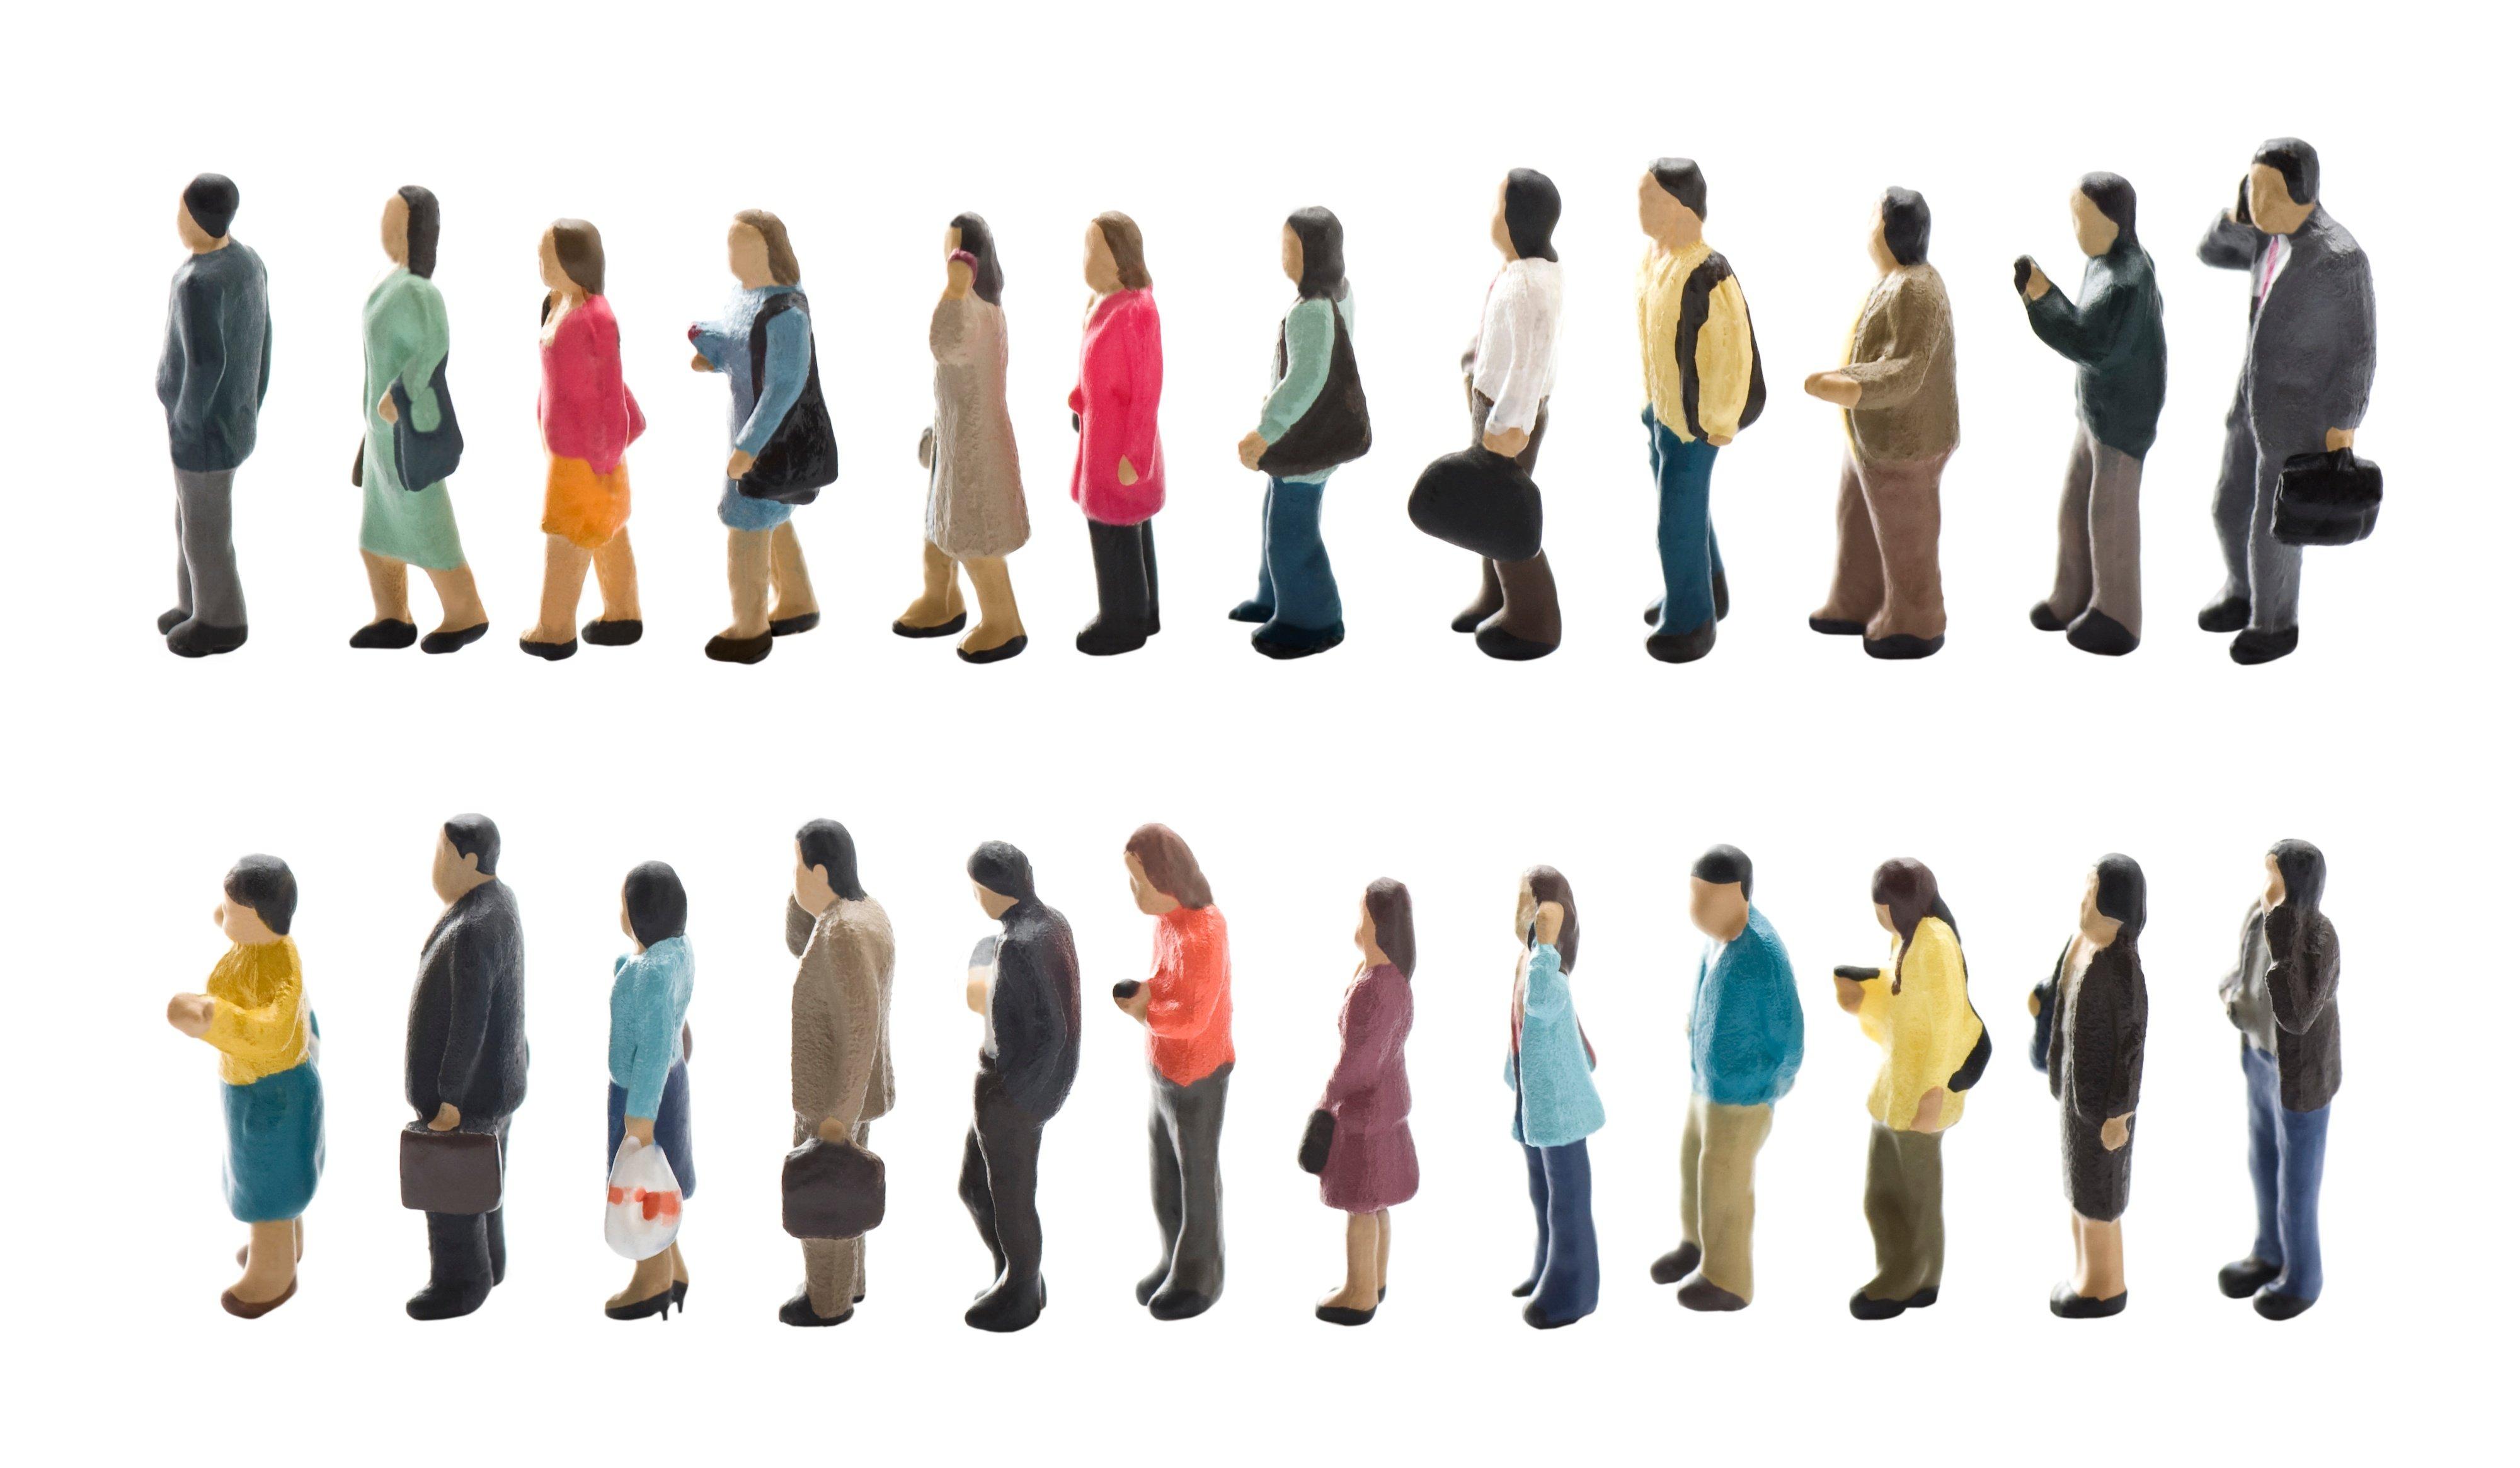 イベント交流会で人脈を広げる際に注意すべき13つの項目